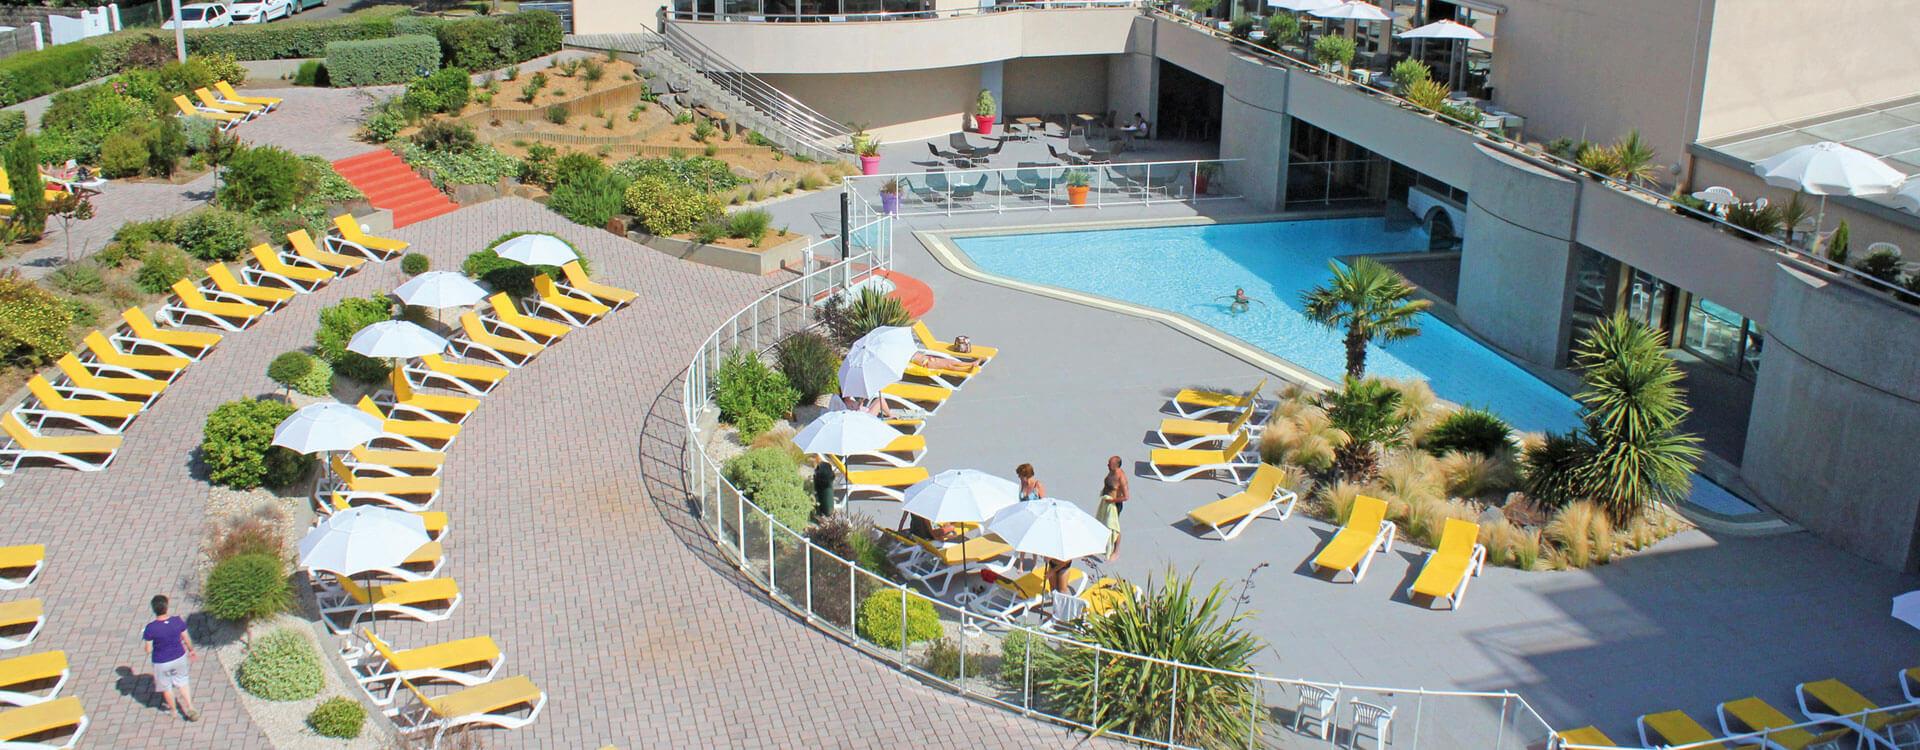 Espace aquatique - Hôtel *** Les Jardins de l'Atlantique